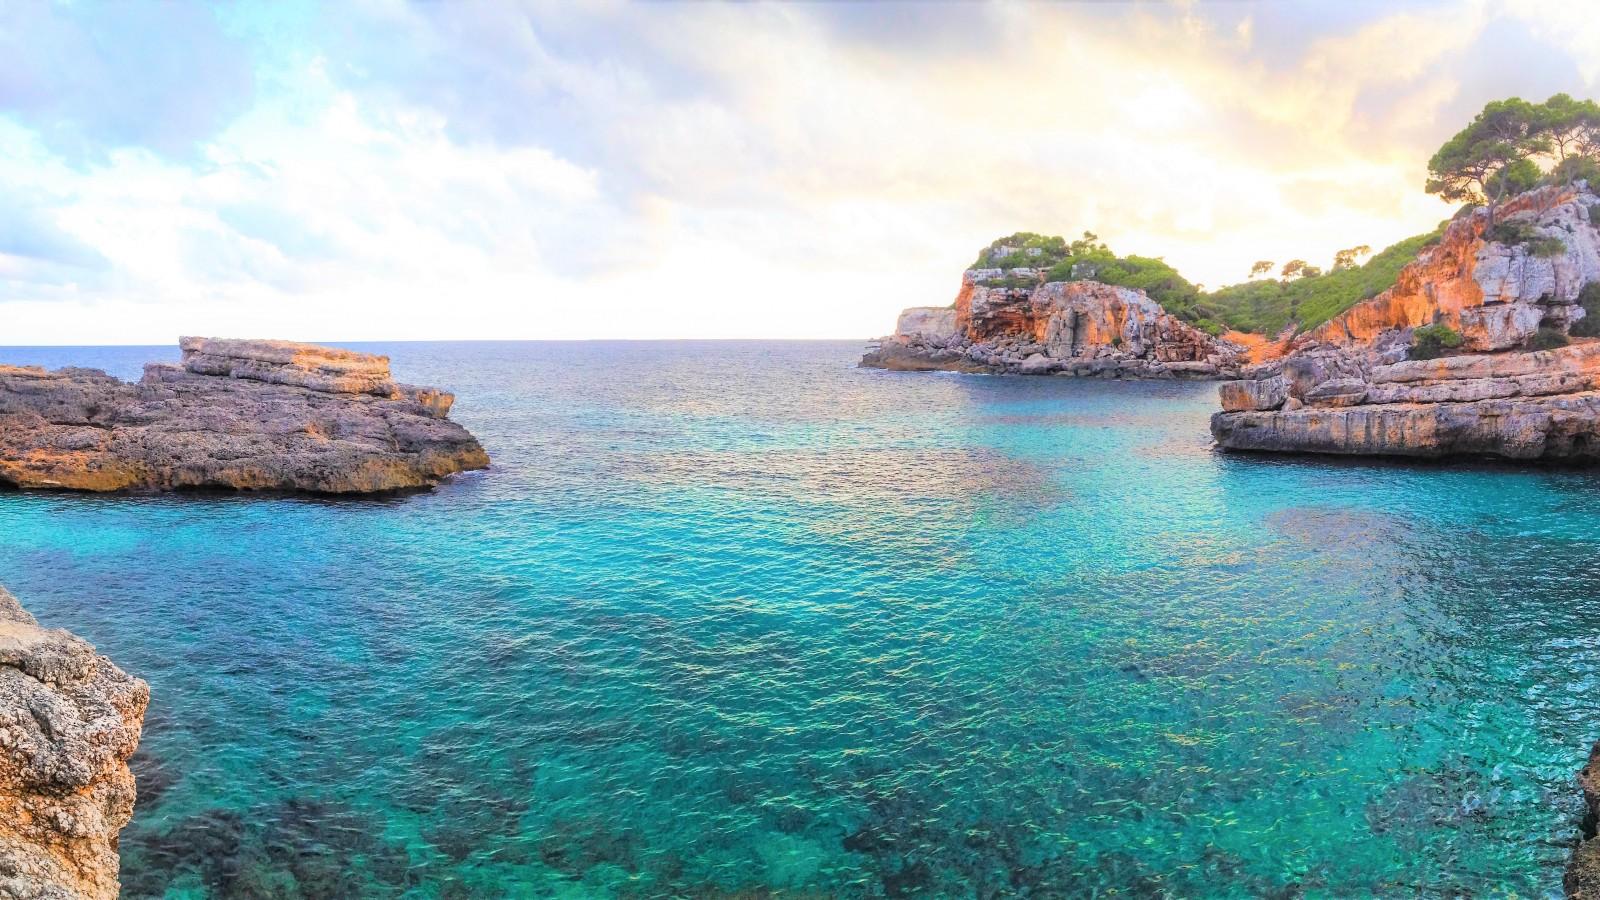 Cala Llombards, Mallorca, Balearic Islands